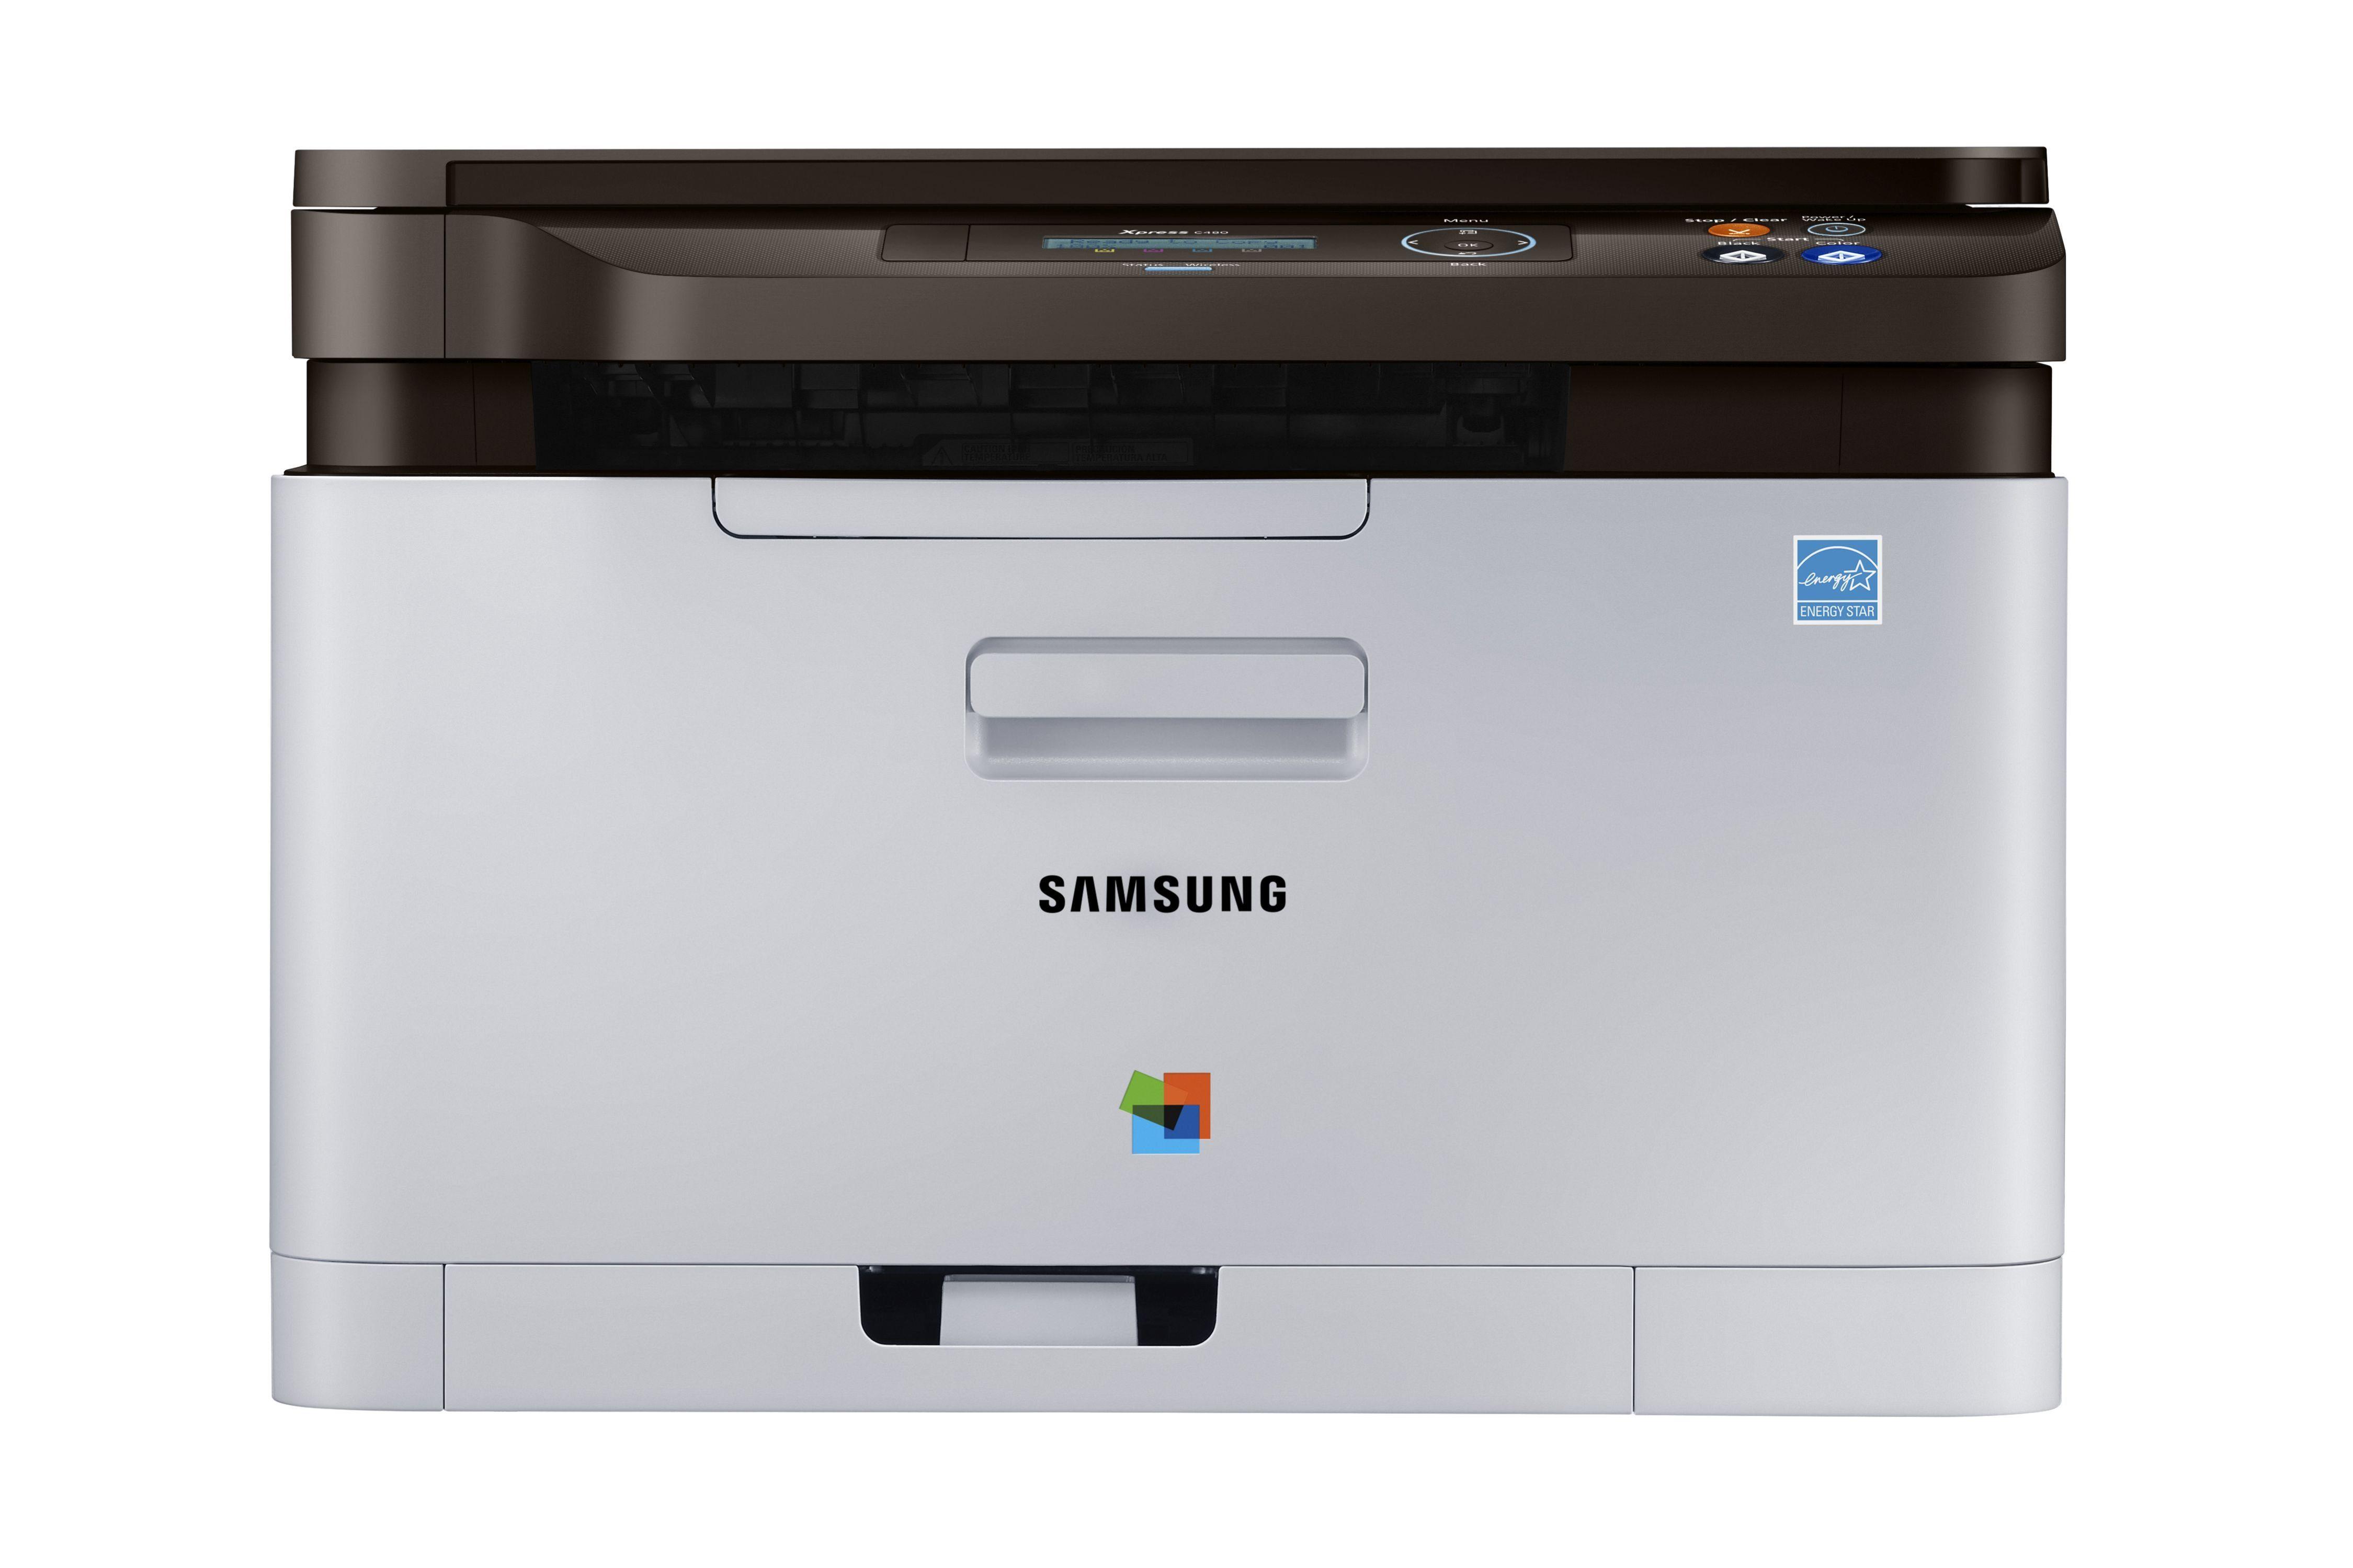 Samsung SL-C480/TEG Color Laser MFP Drucker »Farblaser-Multifunktionsgerät«